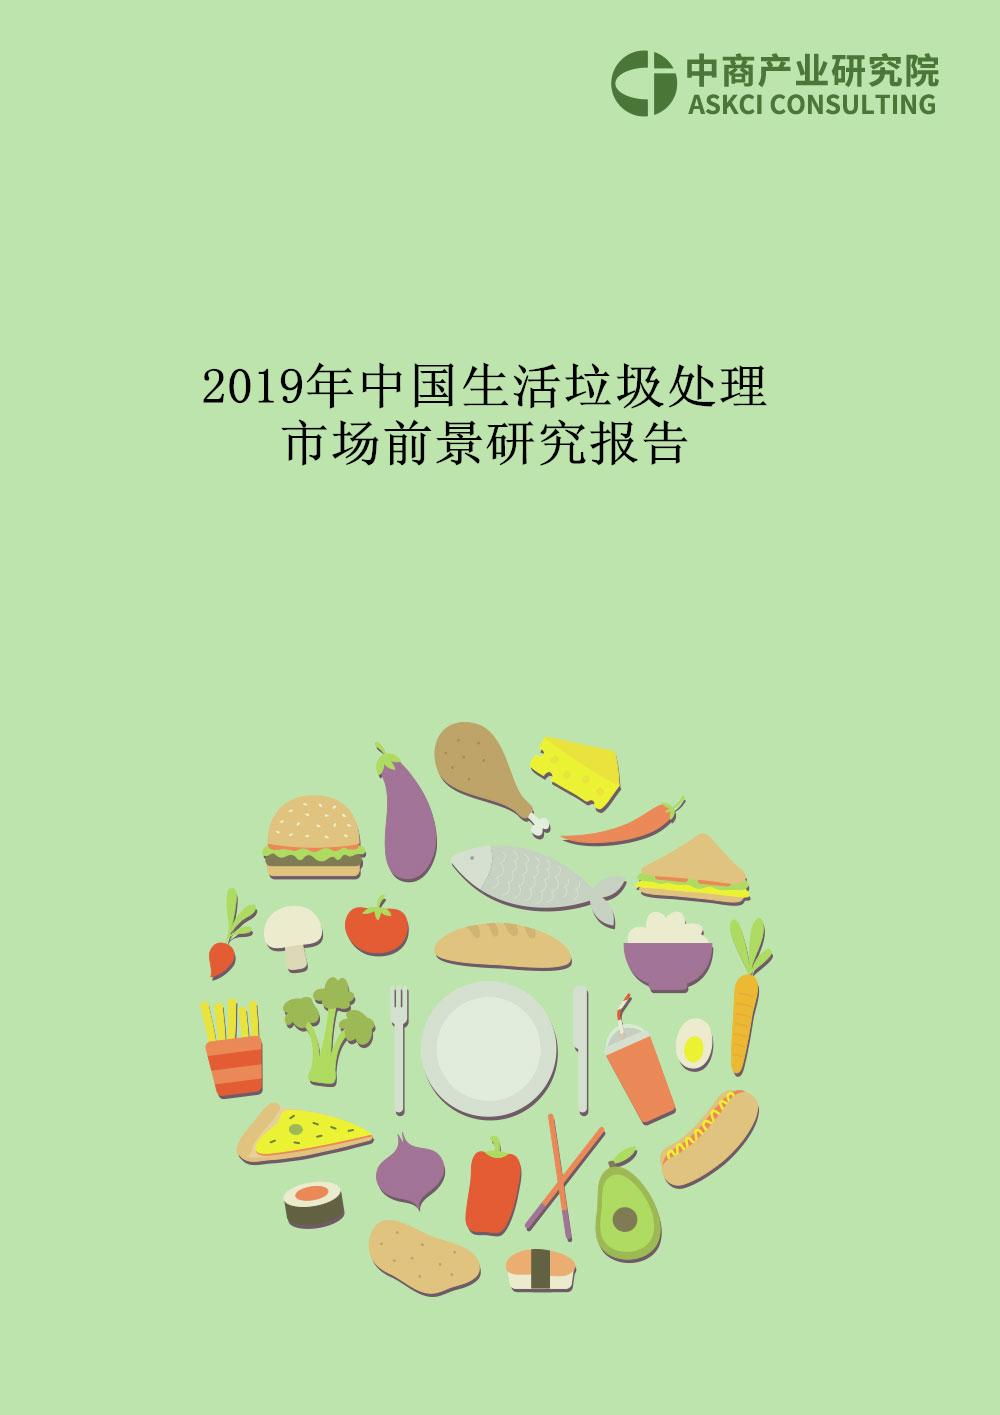 2019年中国生活垃圾处理市场前景研究报告